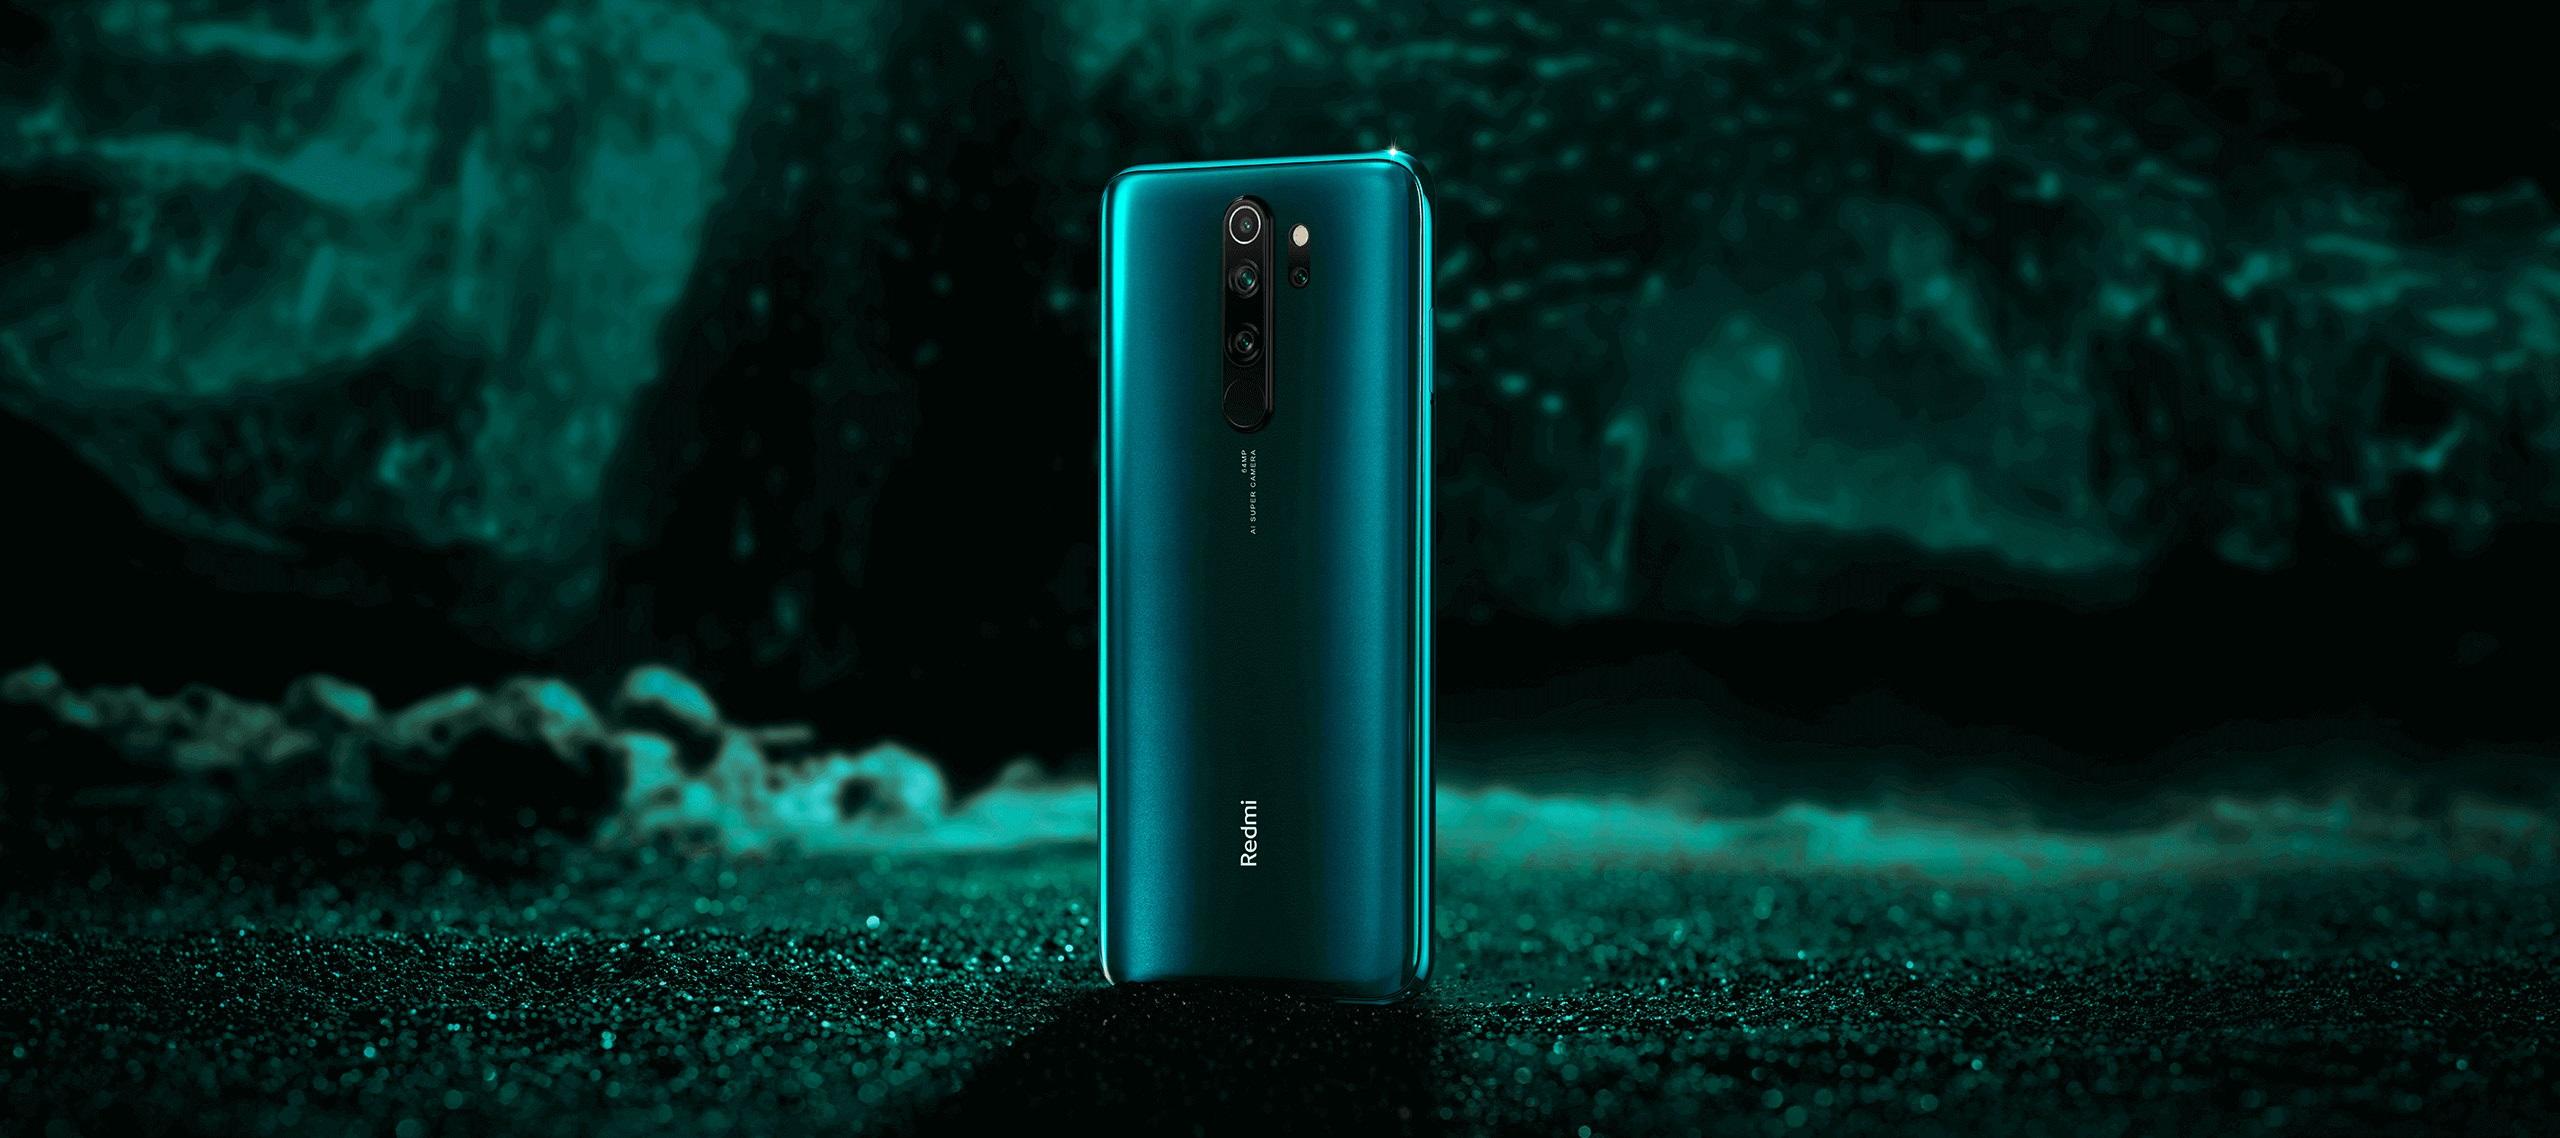 Zein smartphone PLN 1300 arte aukeratu behar duzu?  Redmi Oharra 8 Pro gainerako munduarekin alderatuta